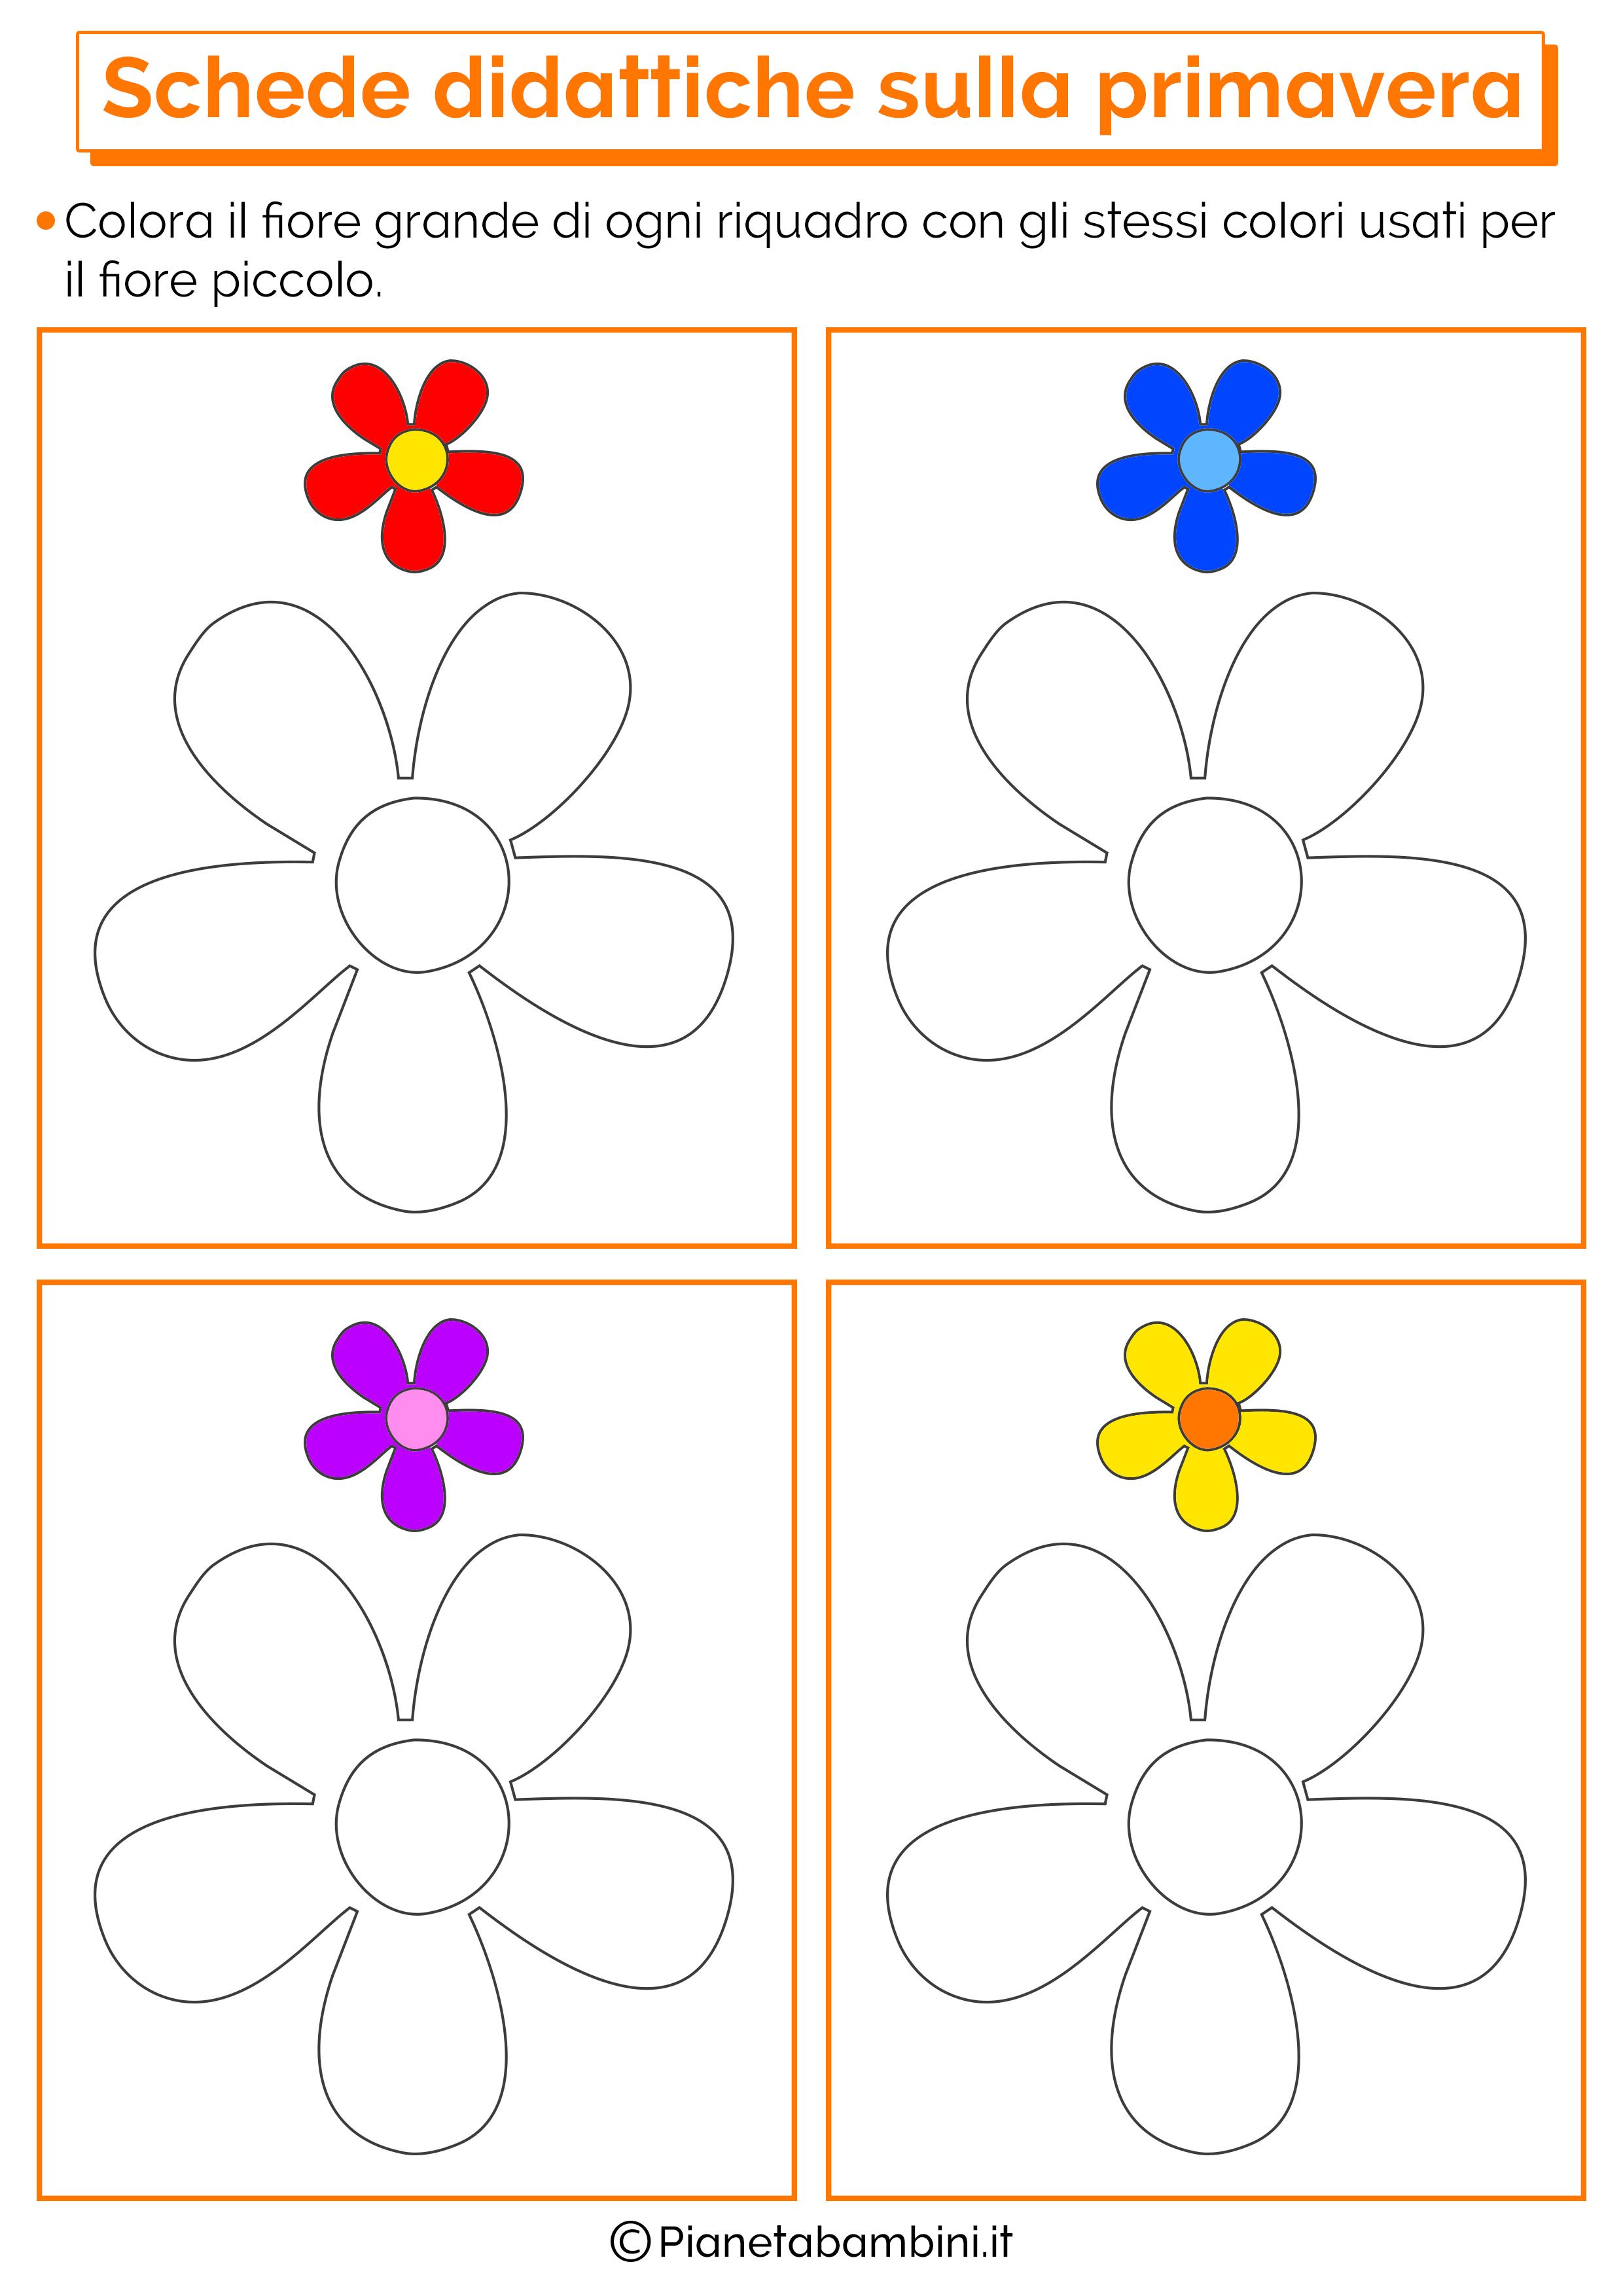 Scheda didattica sulla primavera per la scuola dell'infanzia numero 3